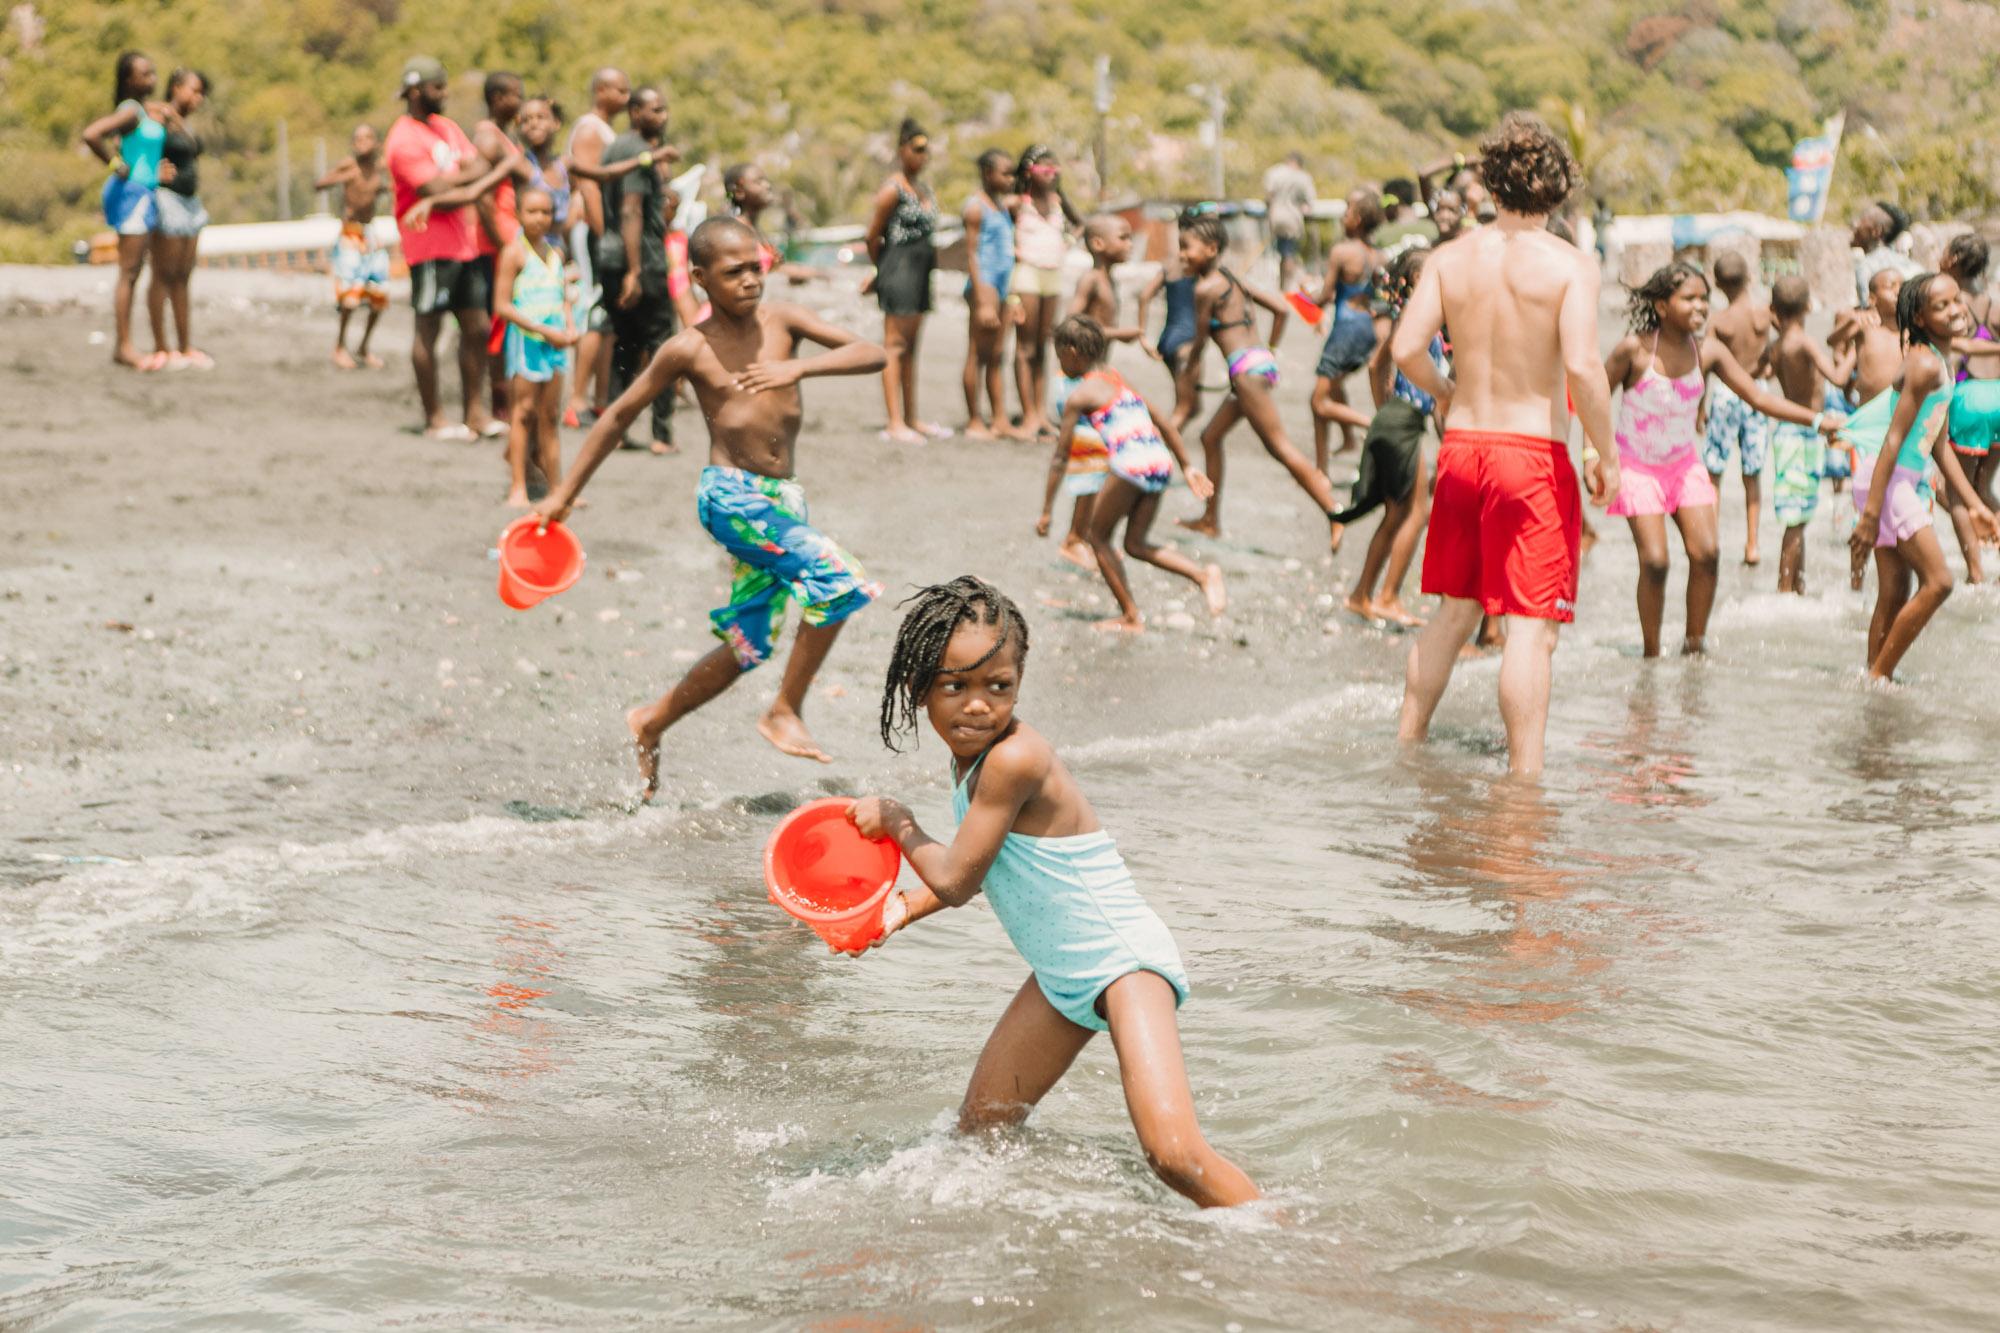 20190613_Surf City Haiti Blog_027_web.jpg